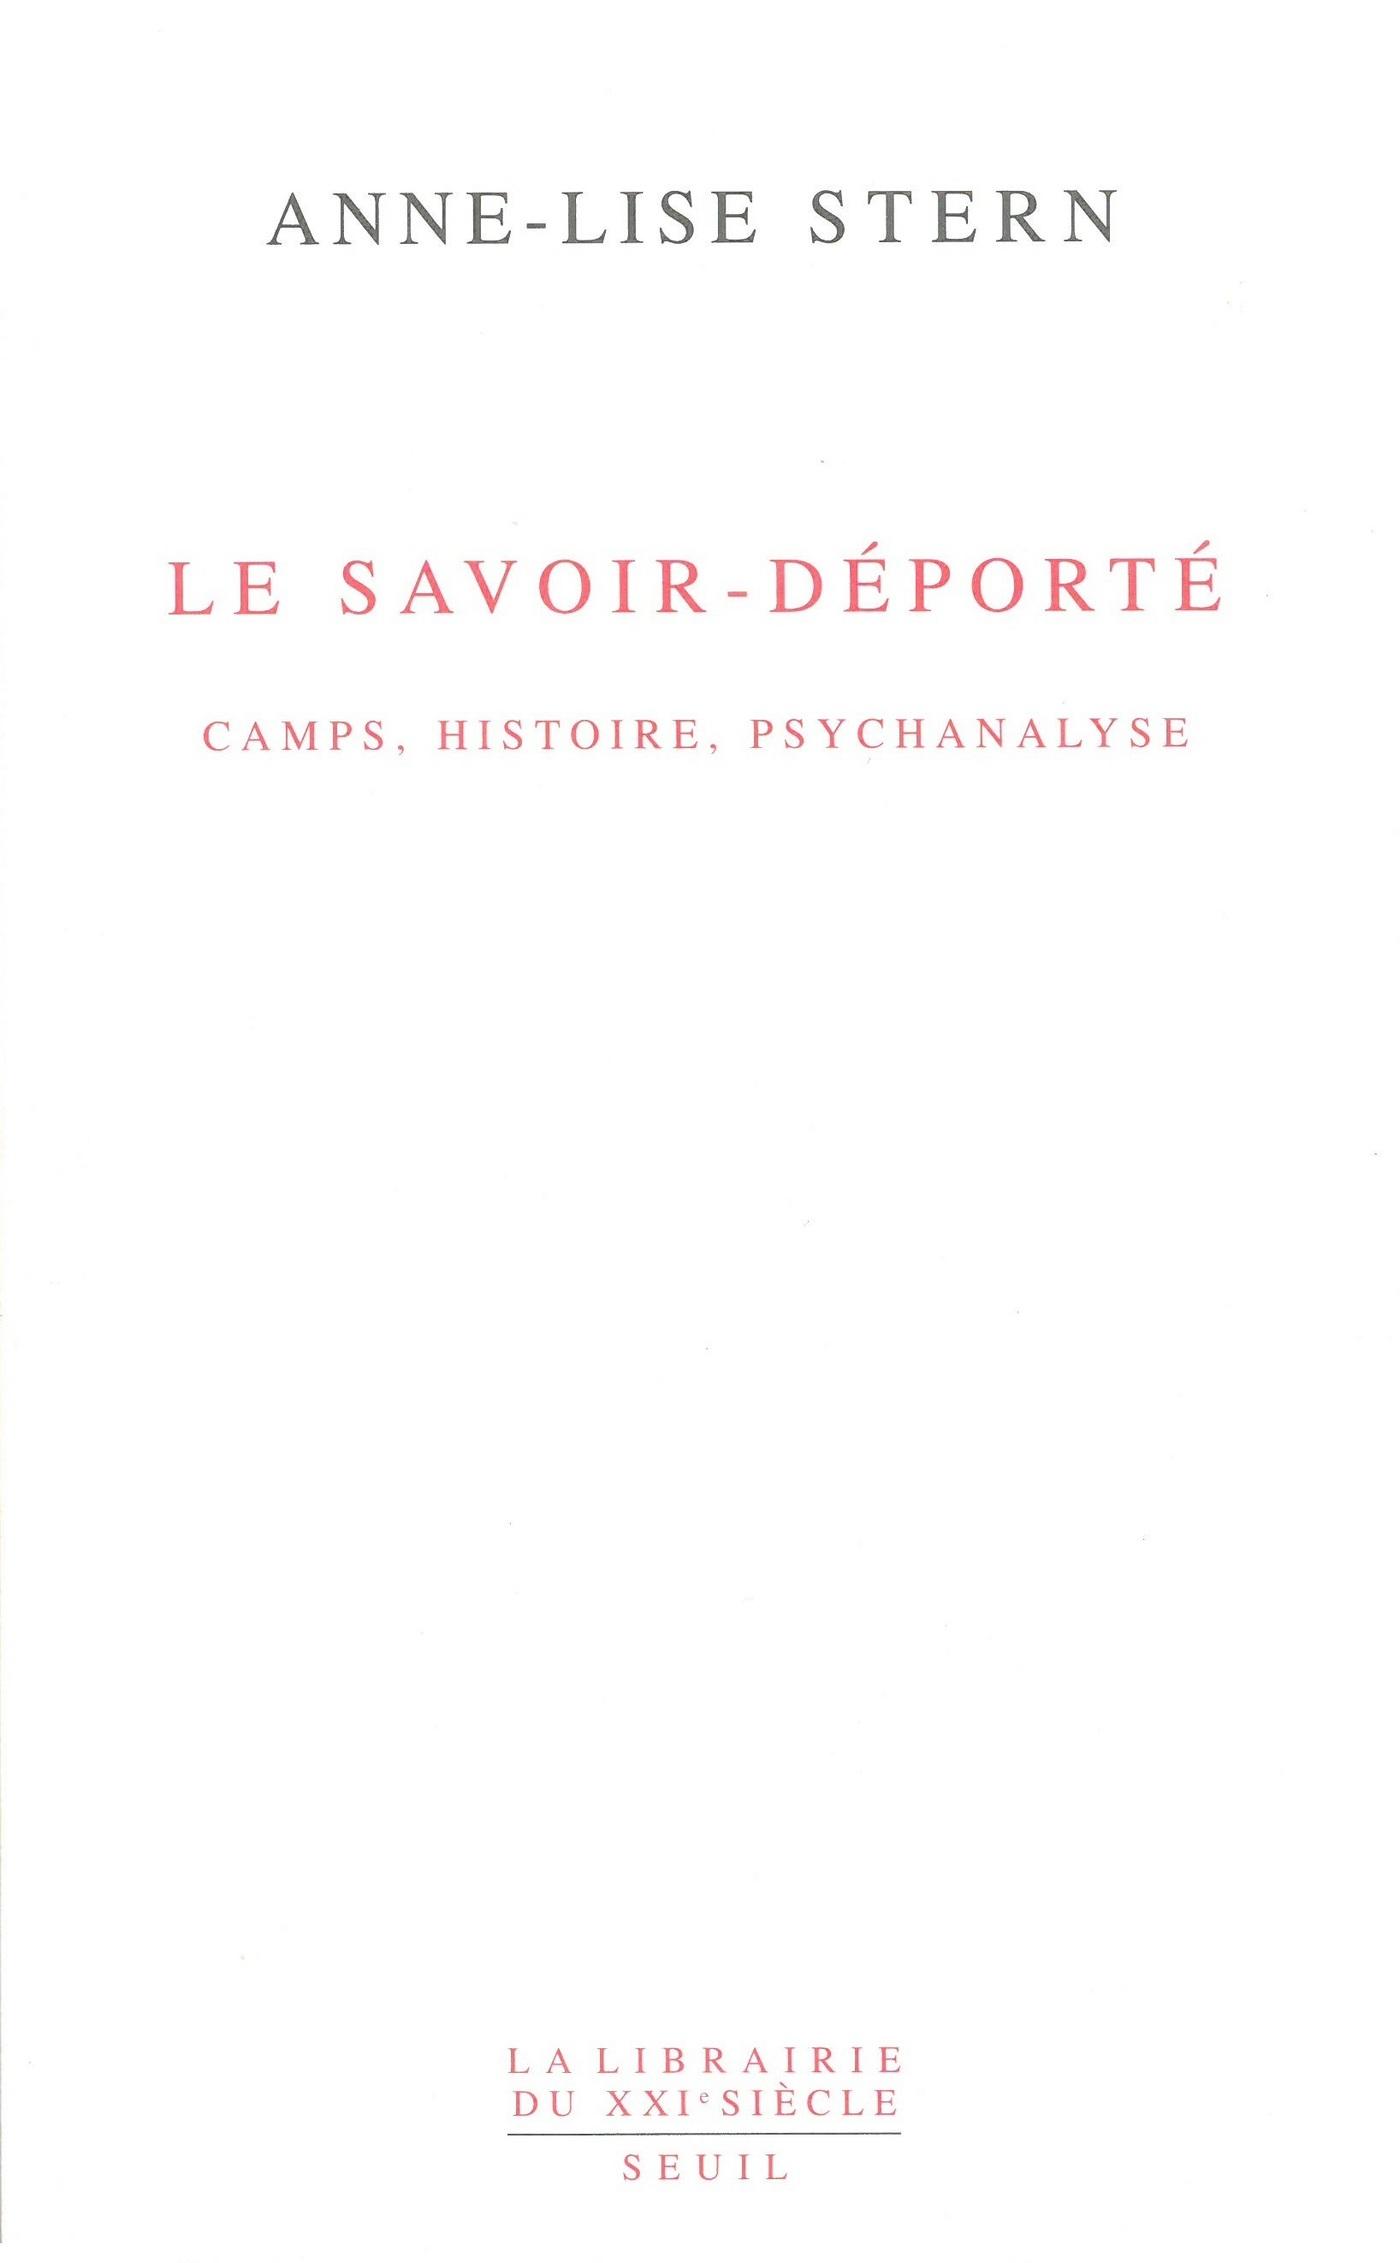 Le savoir-déporté - Camps, histoire, psychanalyse